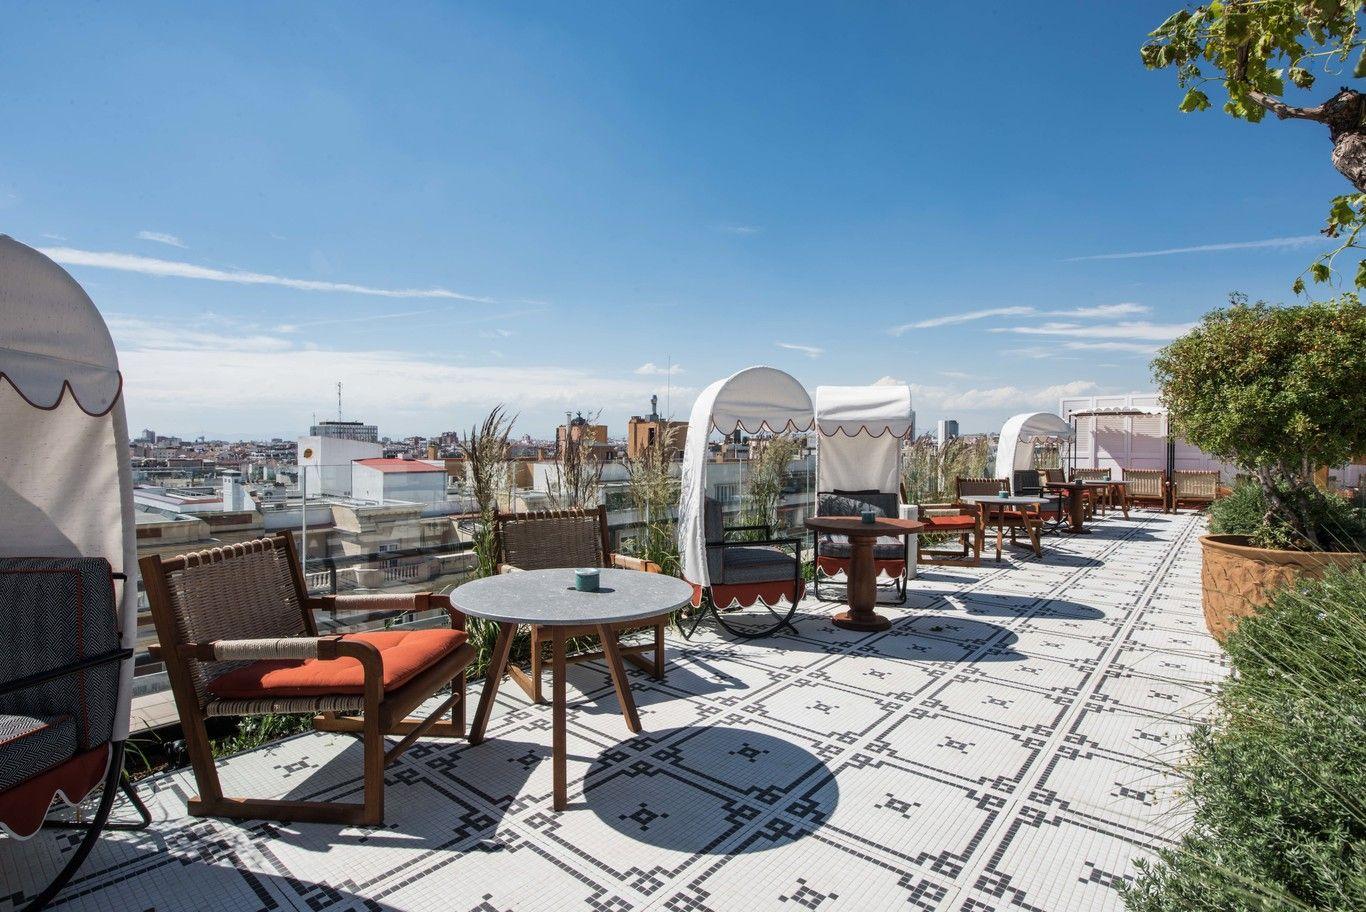 Apunta Las Terrazas De Moda Mas Bonitas De Madrid Decotherapy Terrazas Vistas Hotel De Lujo